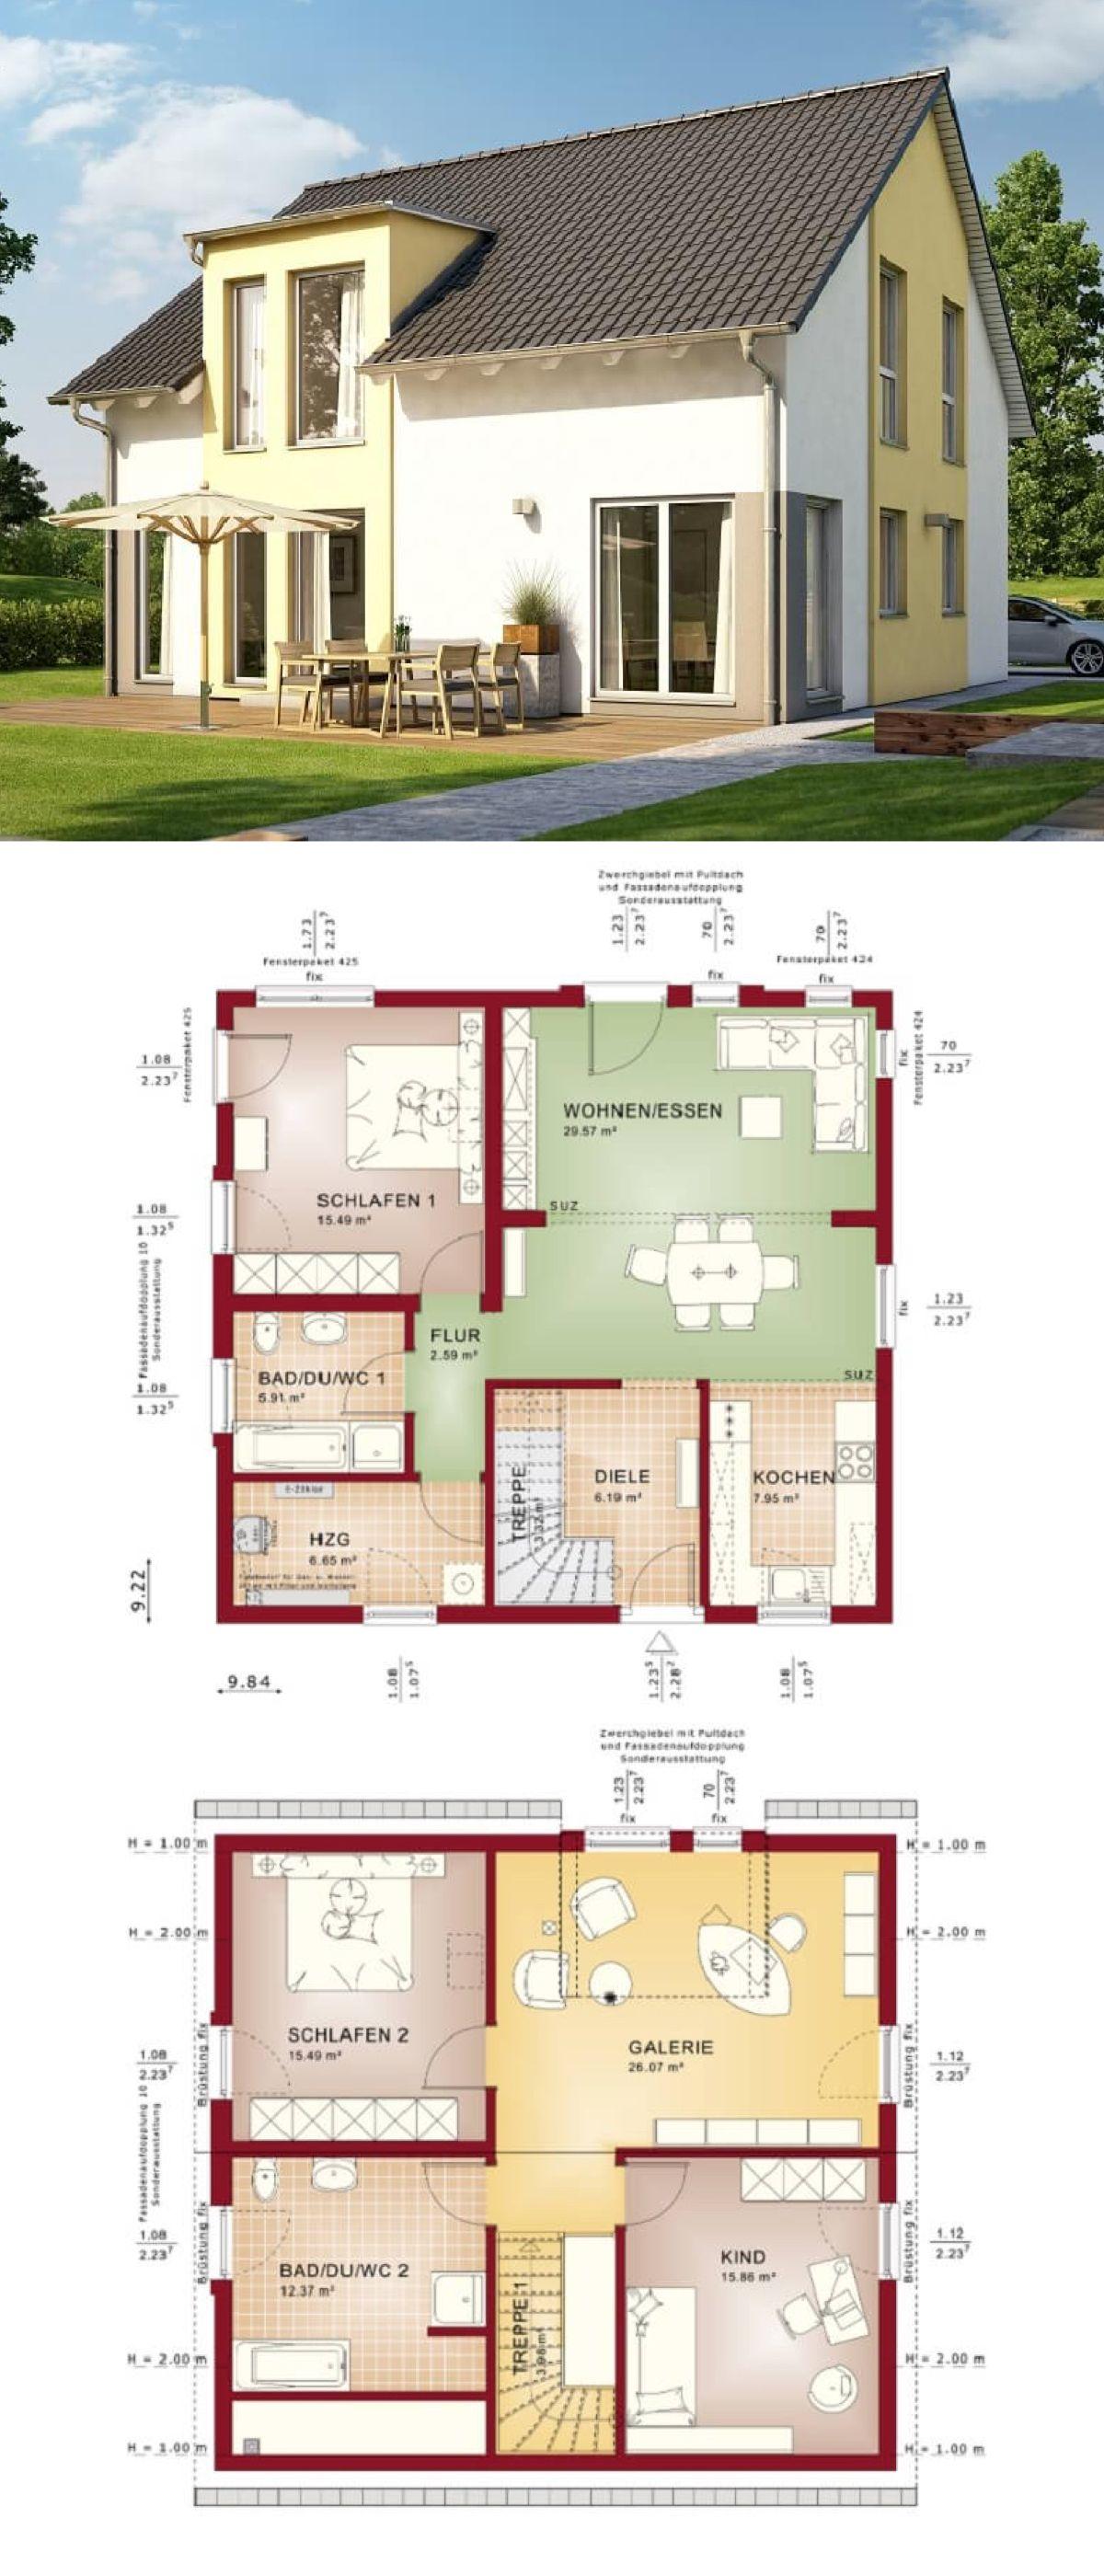 Einfamilienhaus mit Galerie und Satteldach Fertighaus